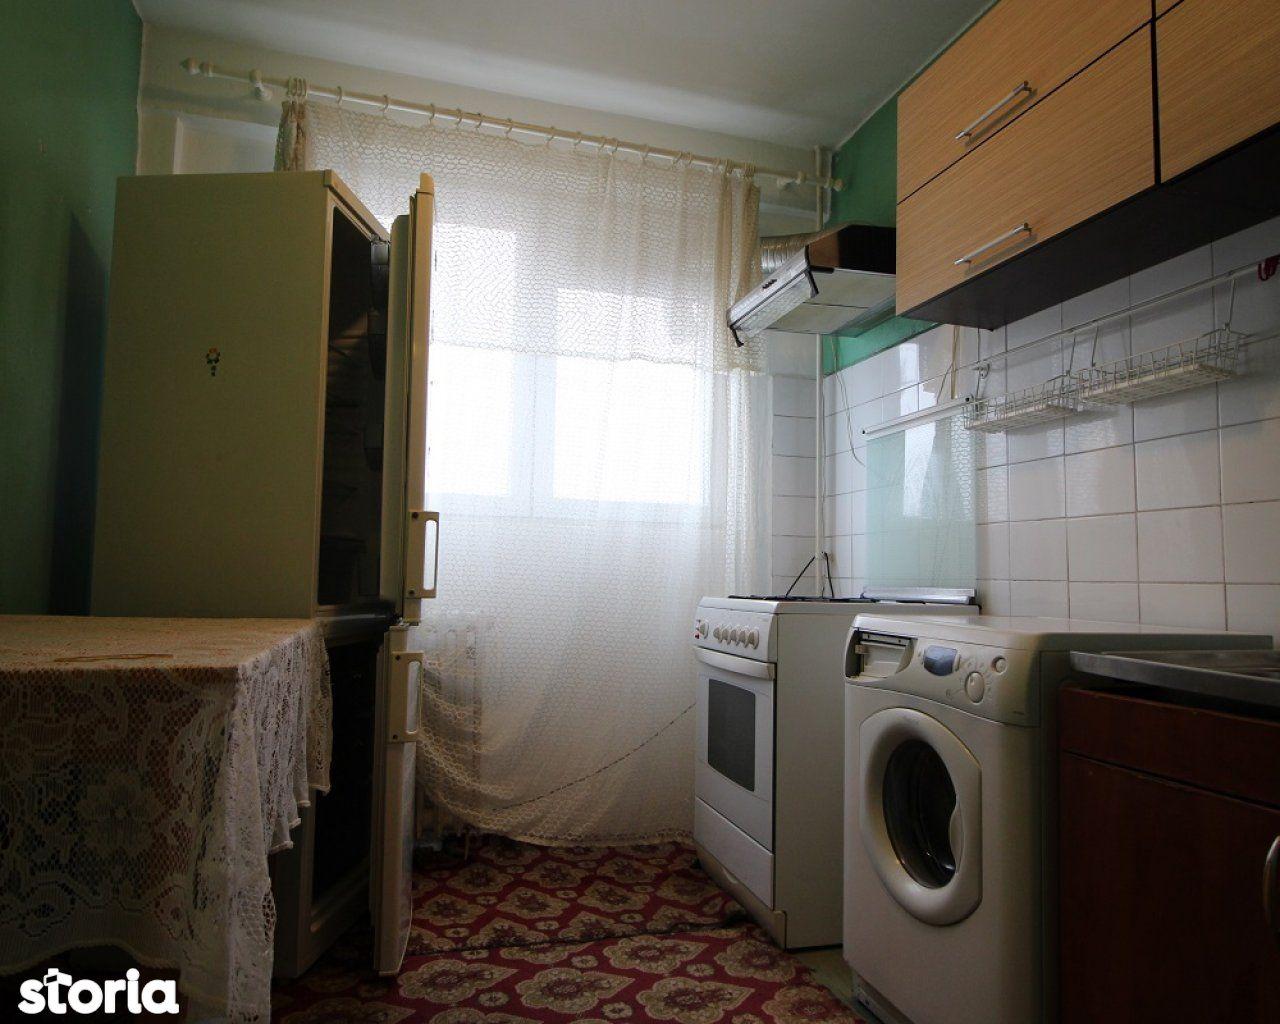 Apartament de vanzare, București (judet), Bulevardul Banu Manta - Foto 3